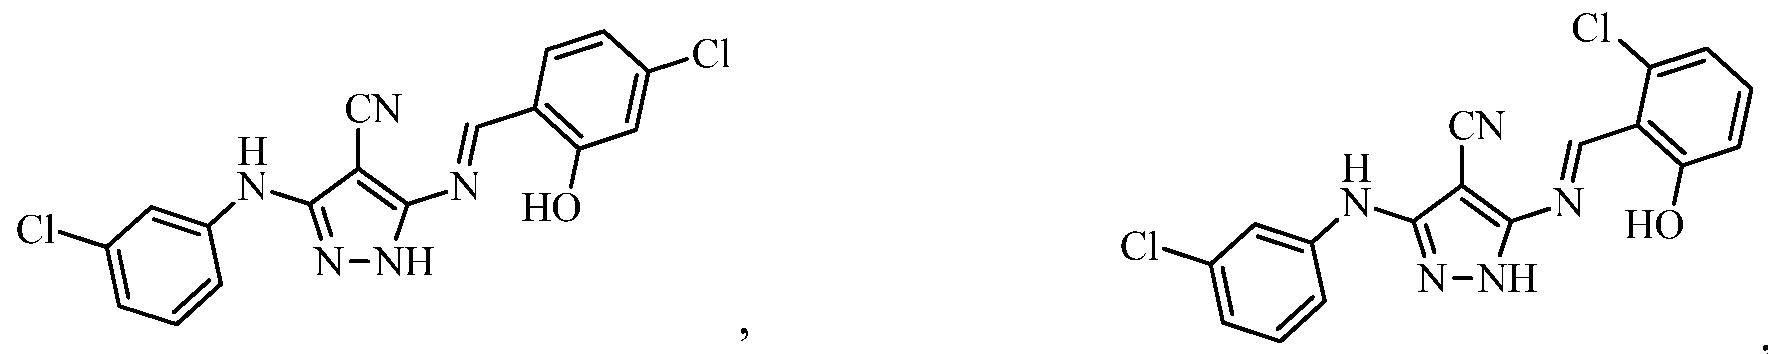 Figure imgf000168_0004